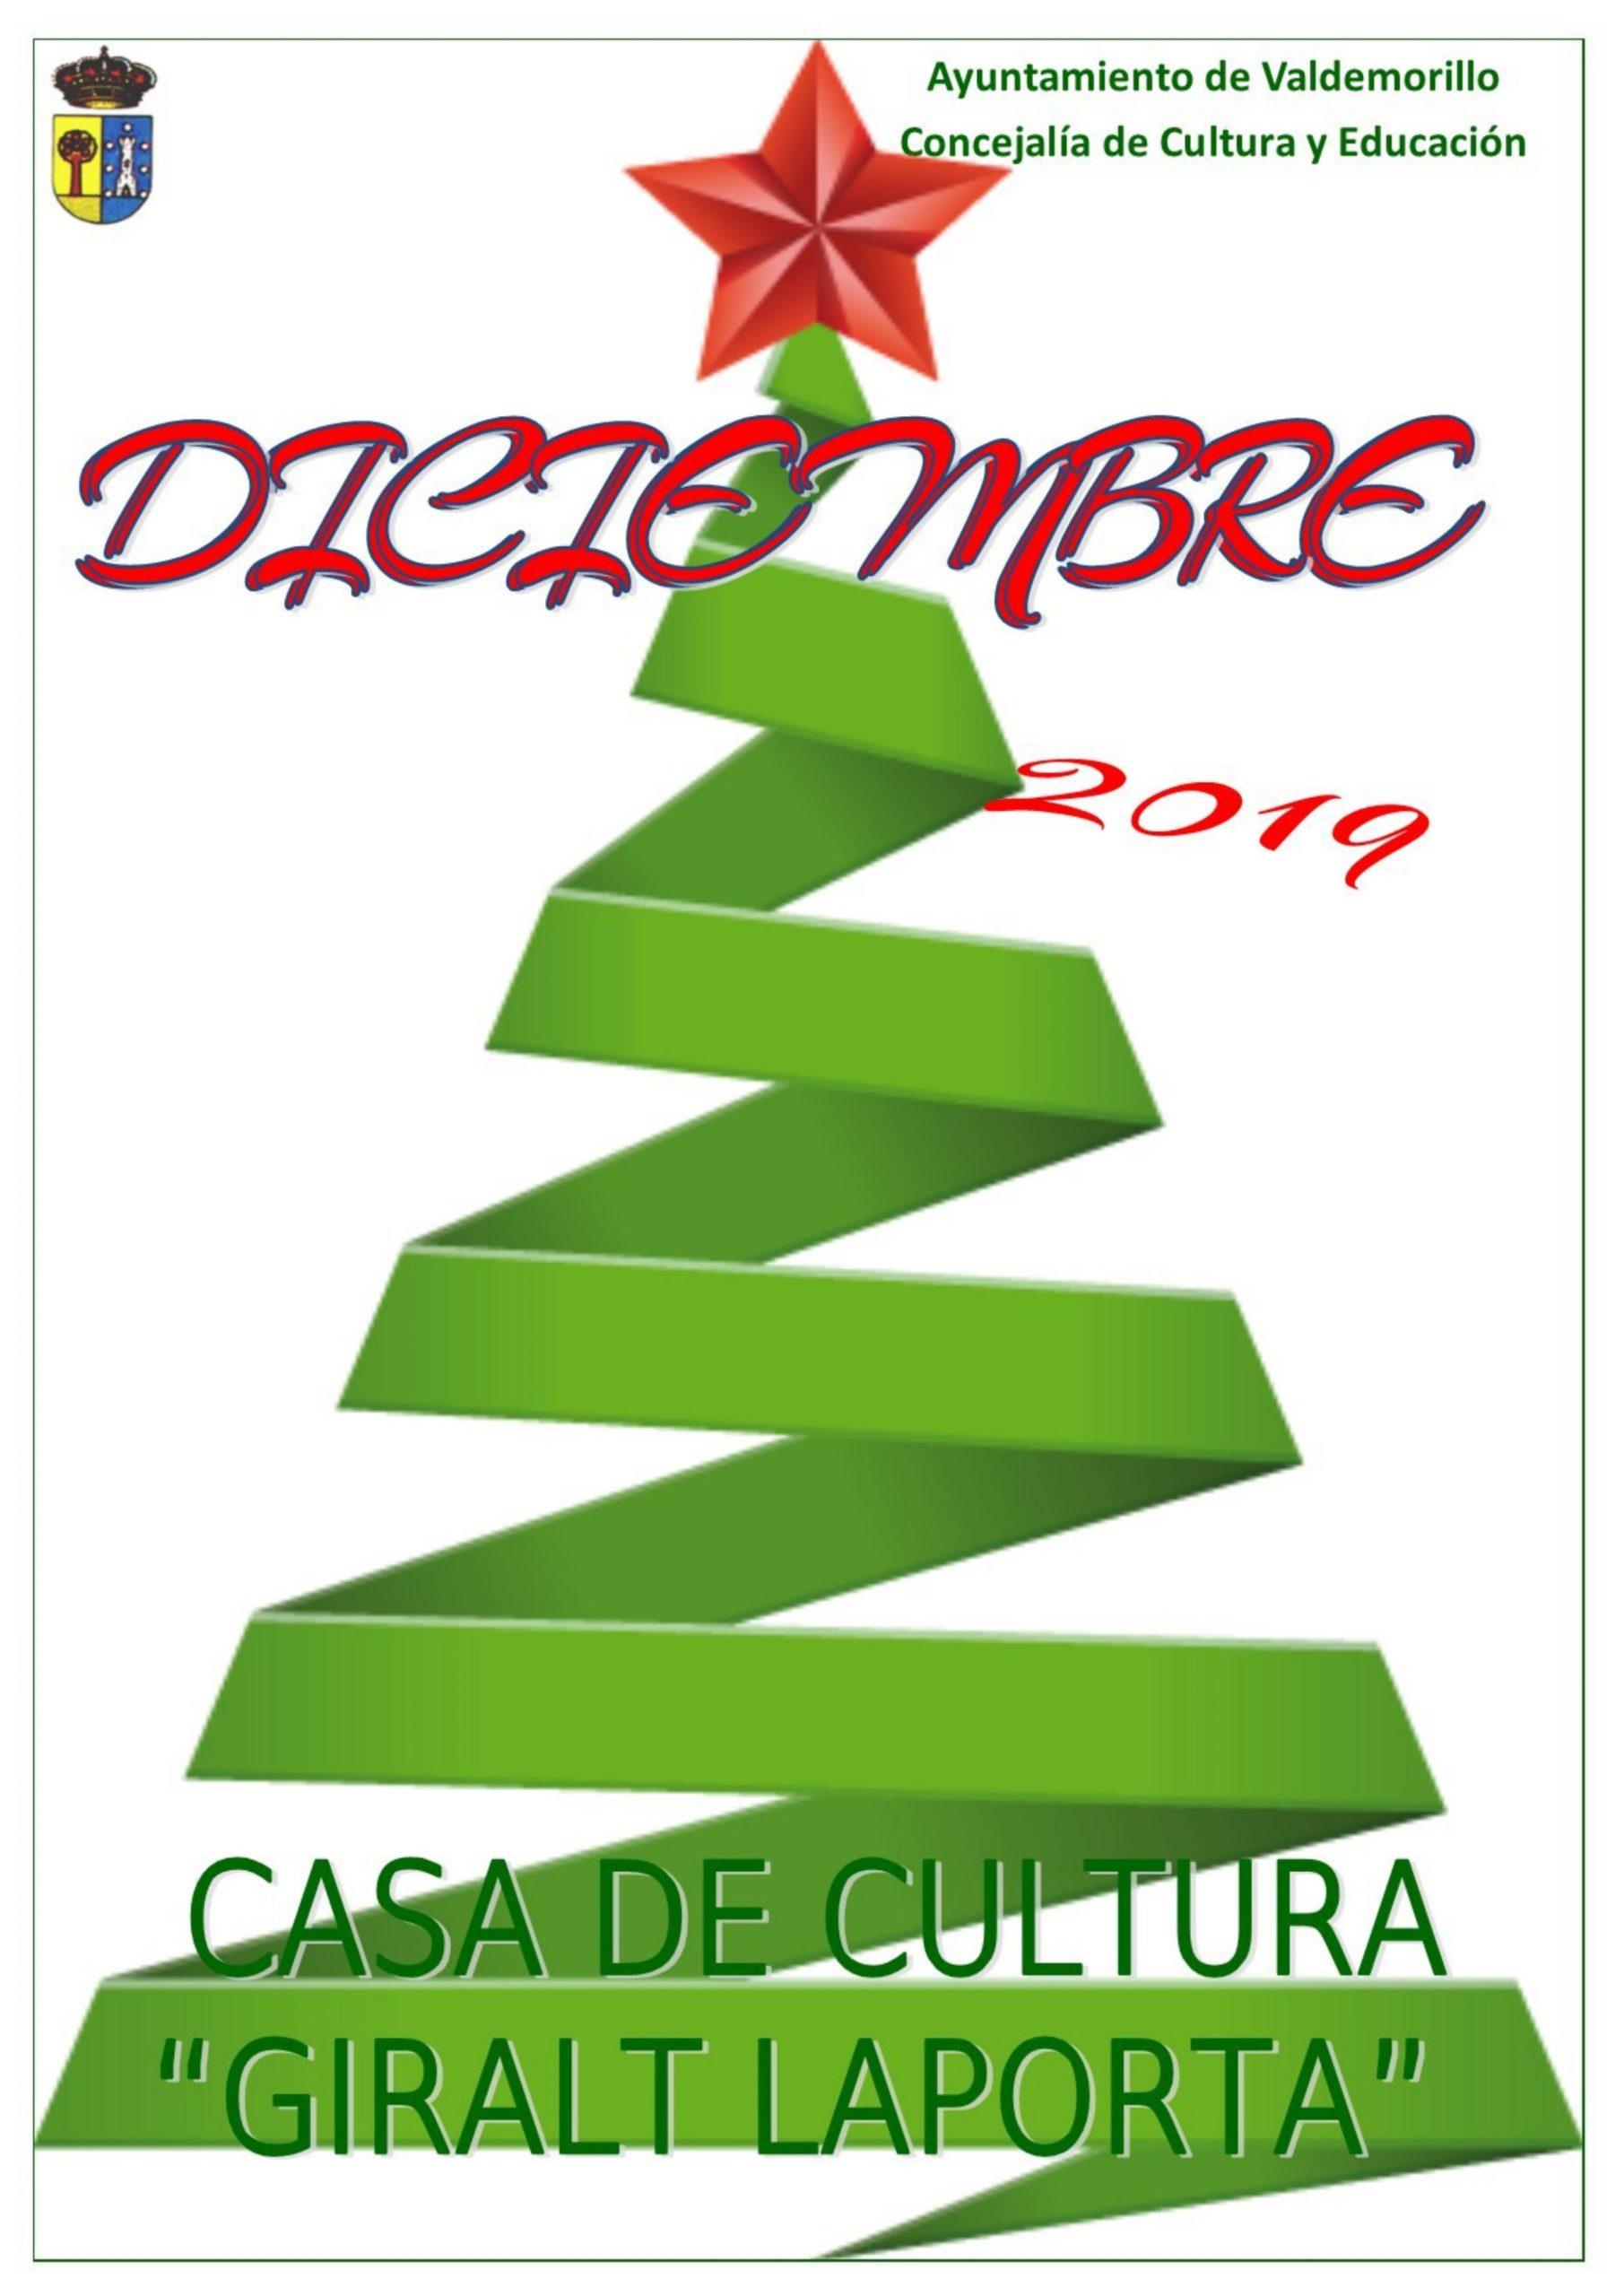 Programa Casa de Cultura Diciembre